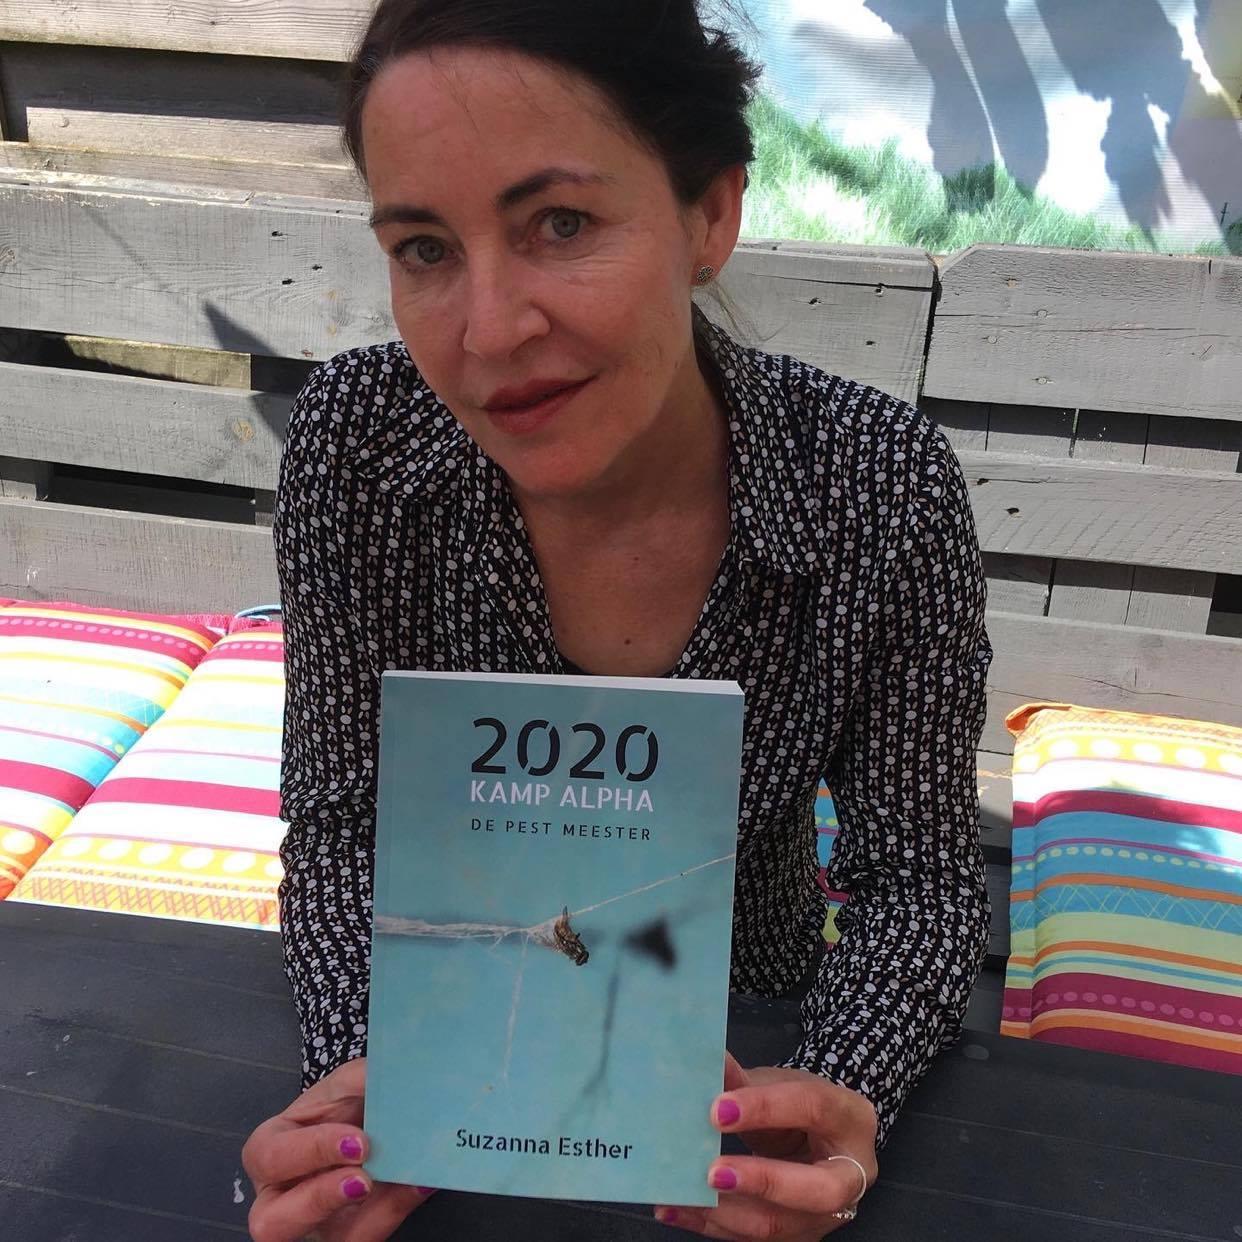 Nieuw boek: 2020 Kamp Alpha